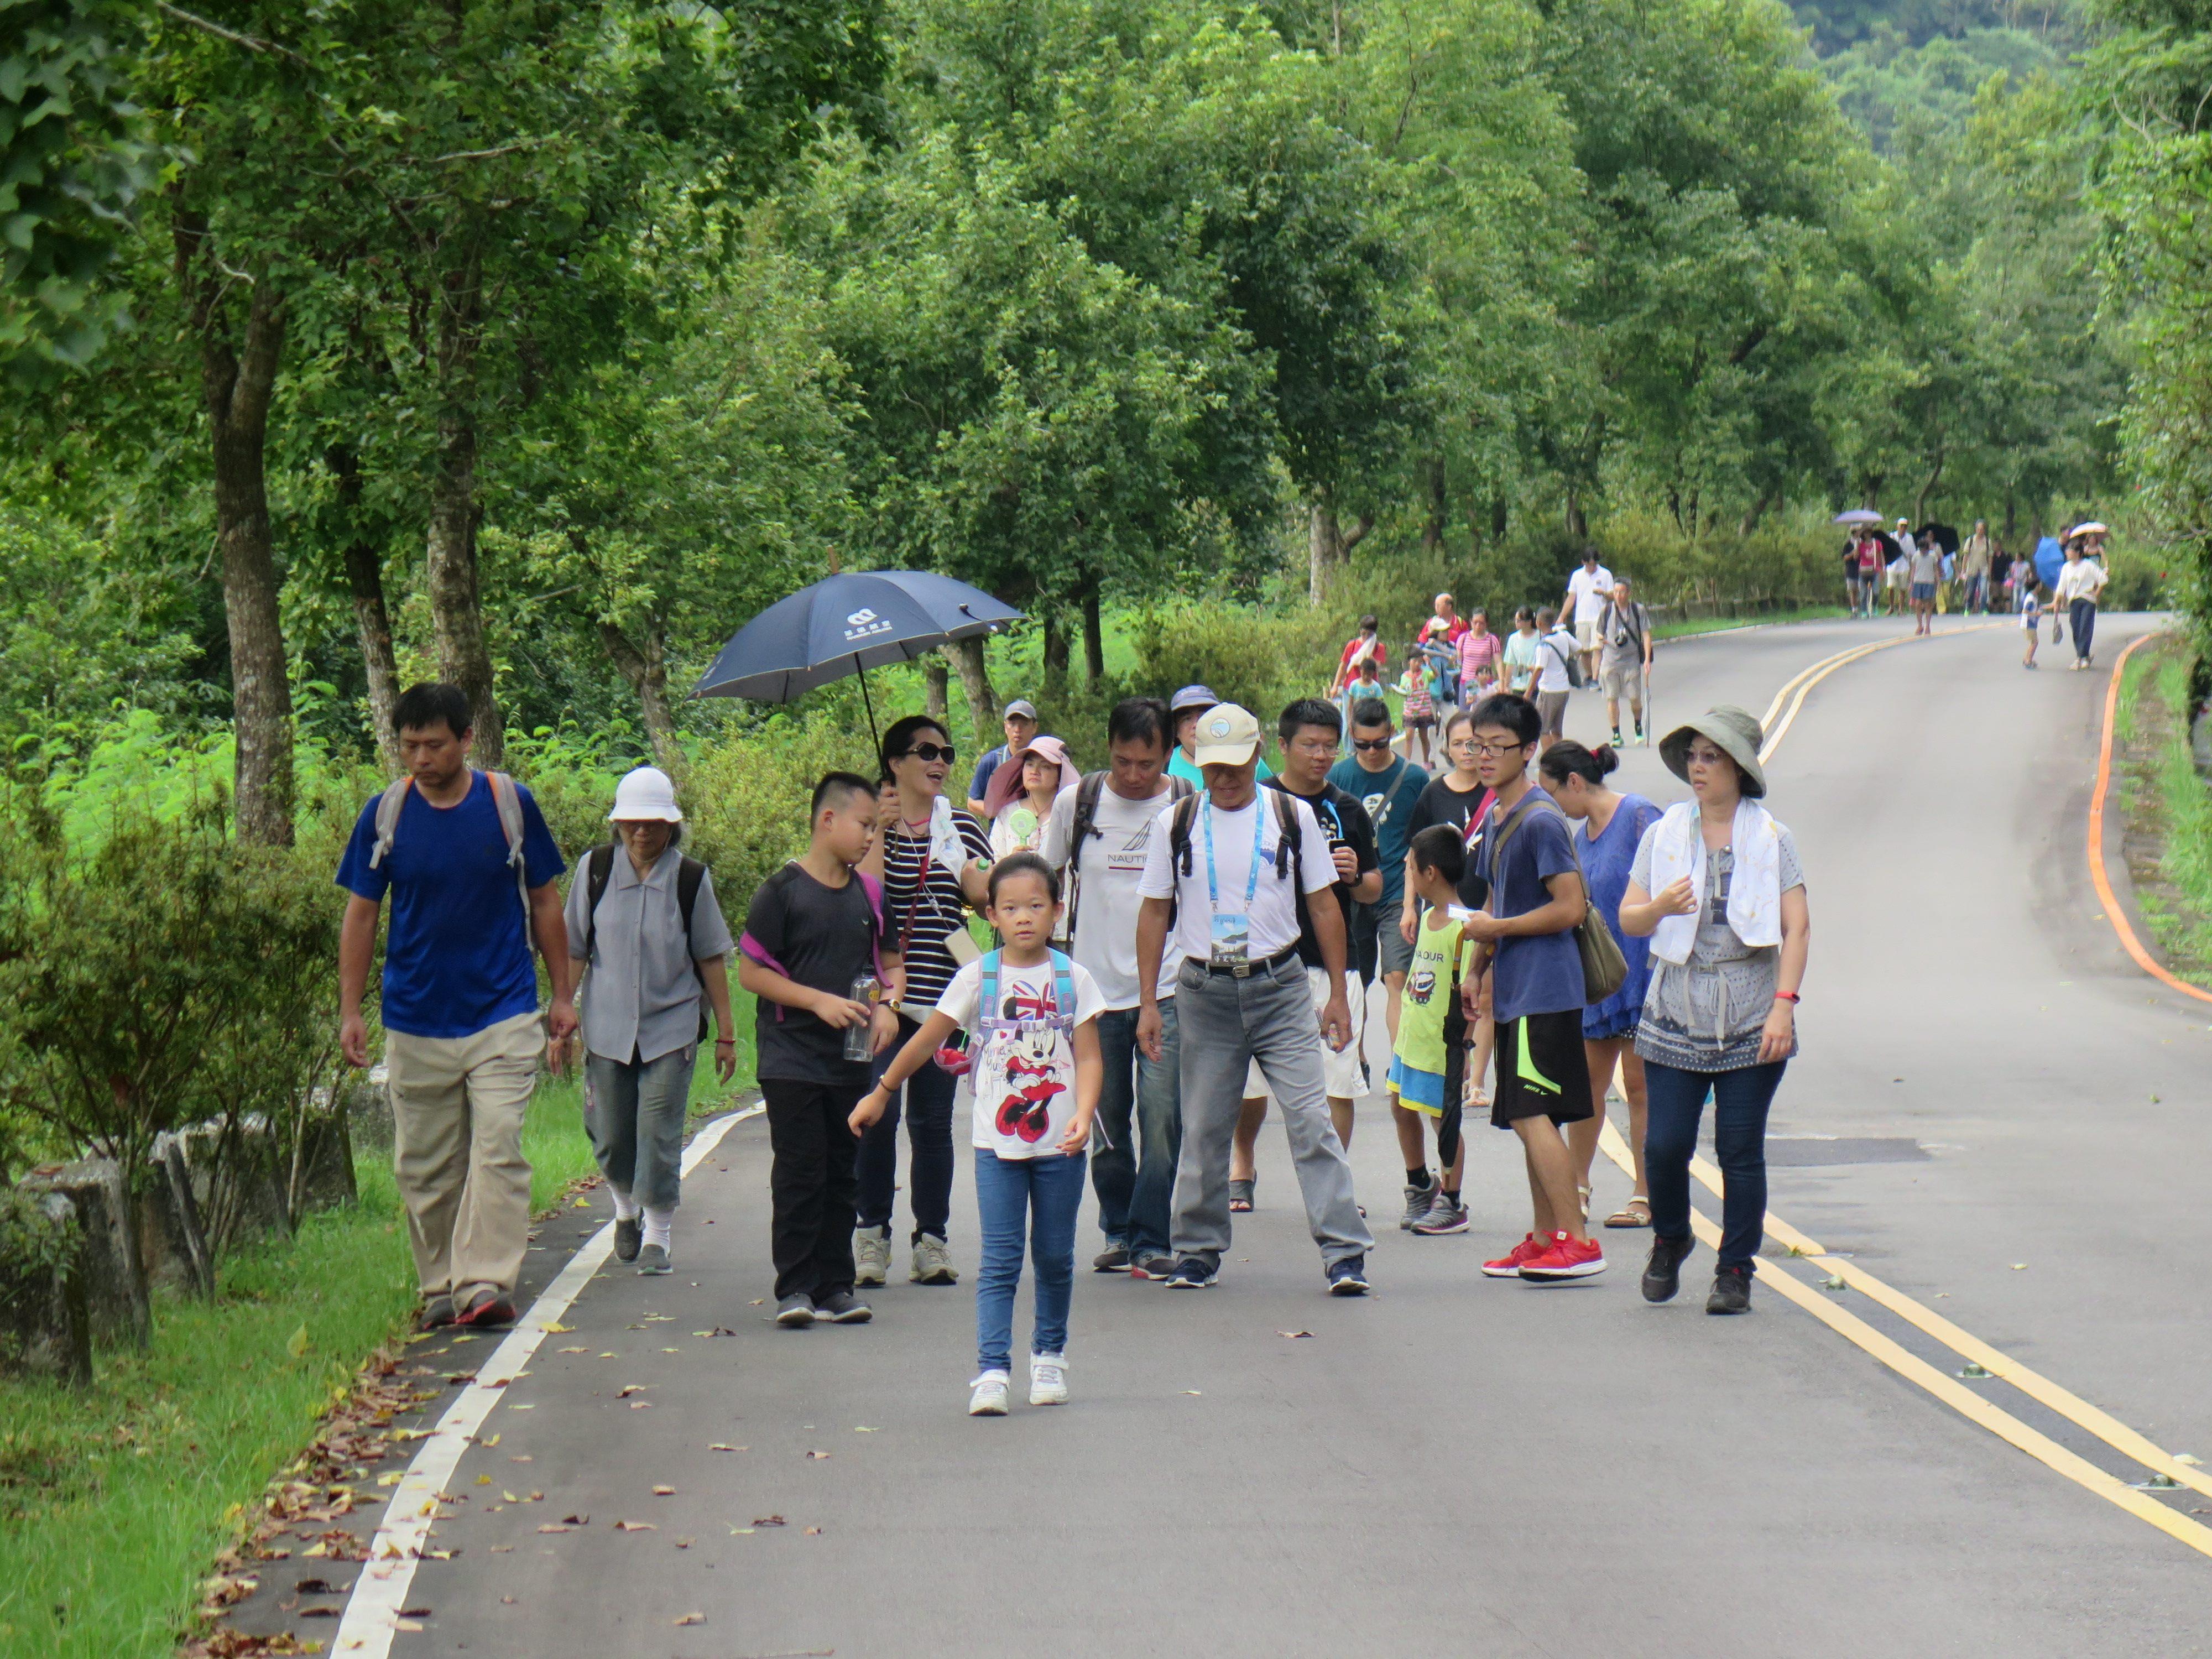 圖片說明:志工老師帶領民眾介紹沿途生態